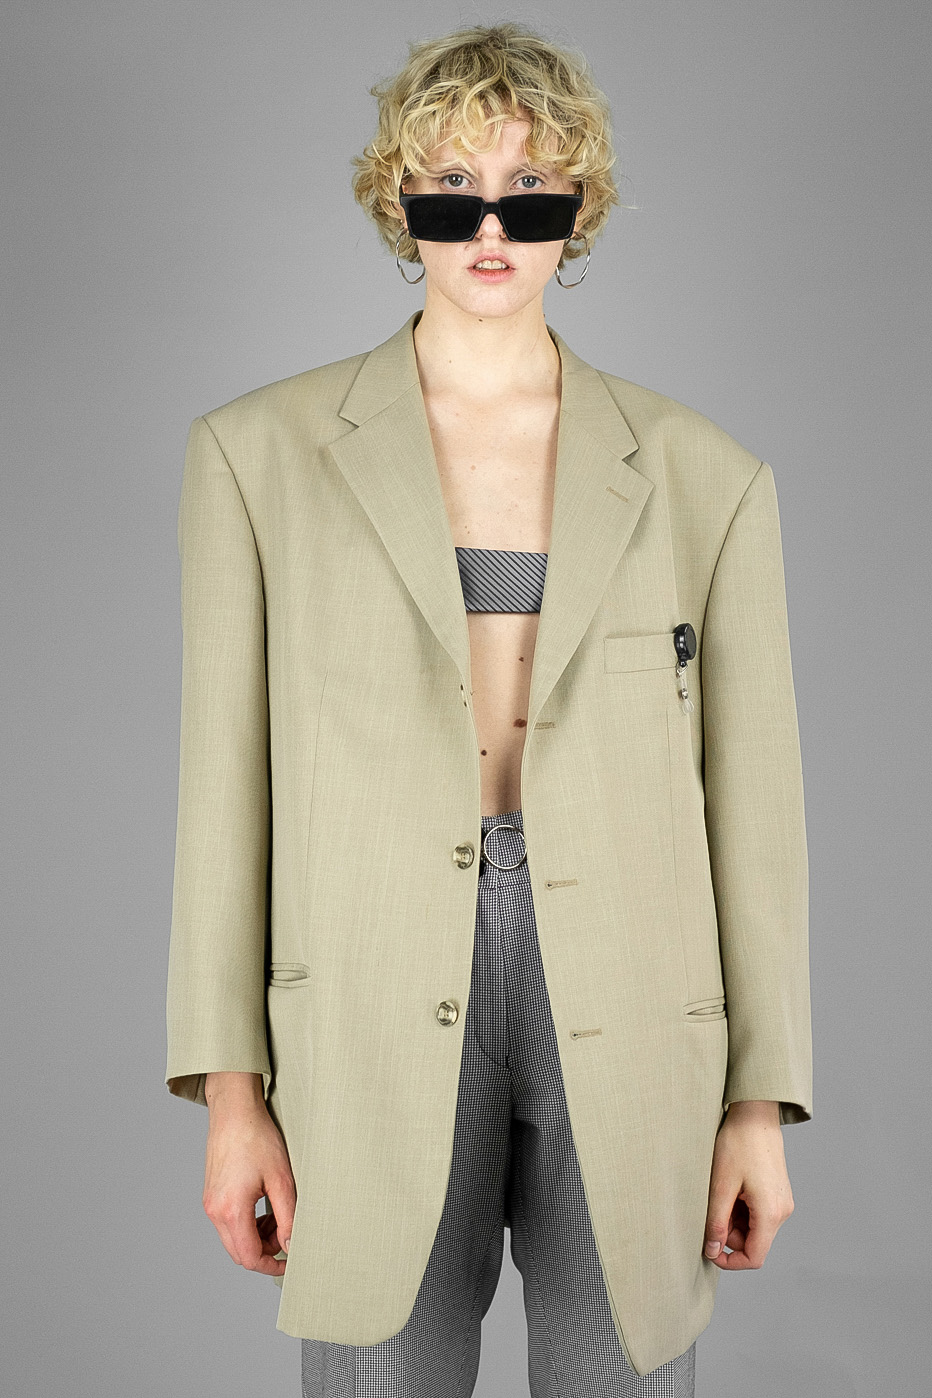 Odd Gig Jacket 4